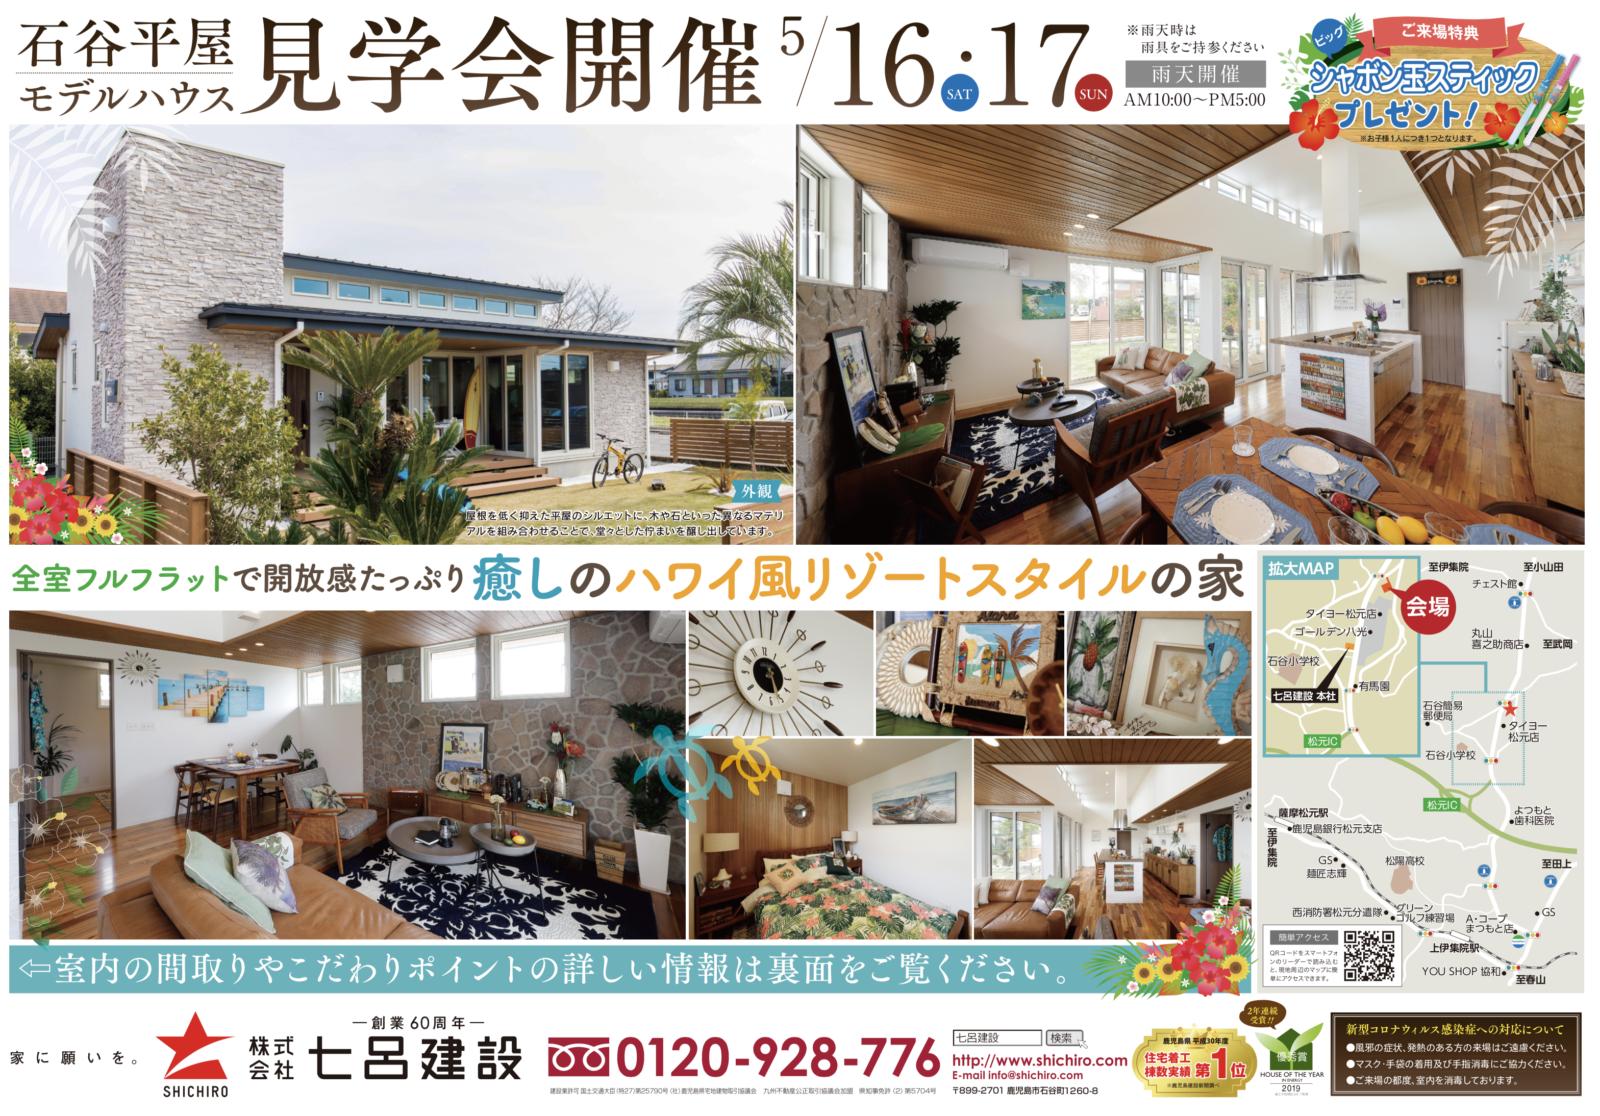 『全室フルフラットで開放感たっぷり 癒しのハワイ風リゾートスタイルの家』 見学会 【鹿児島市】